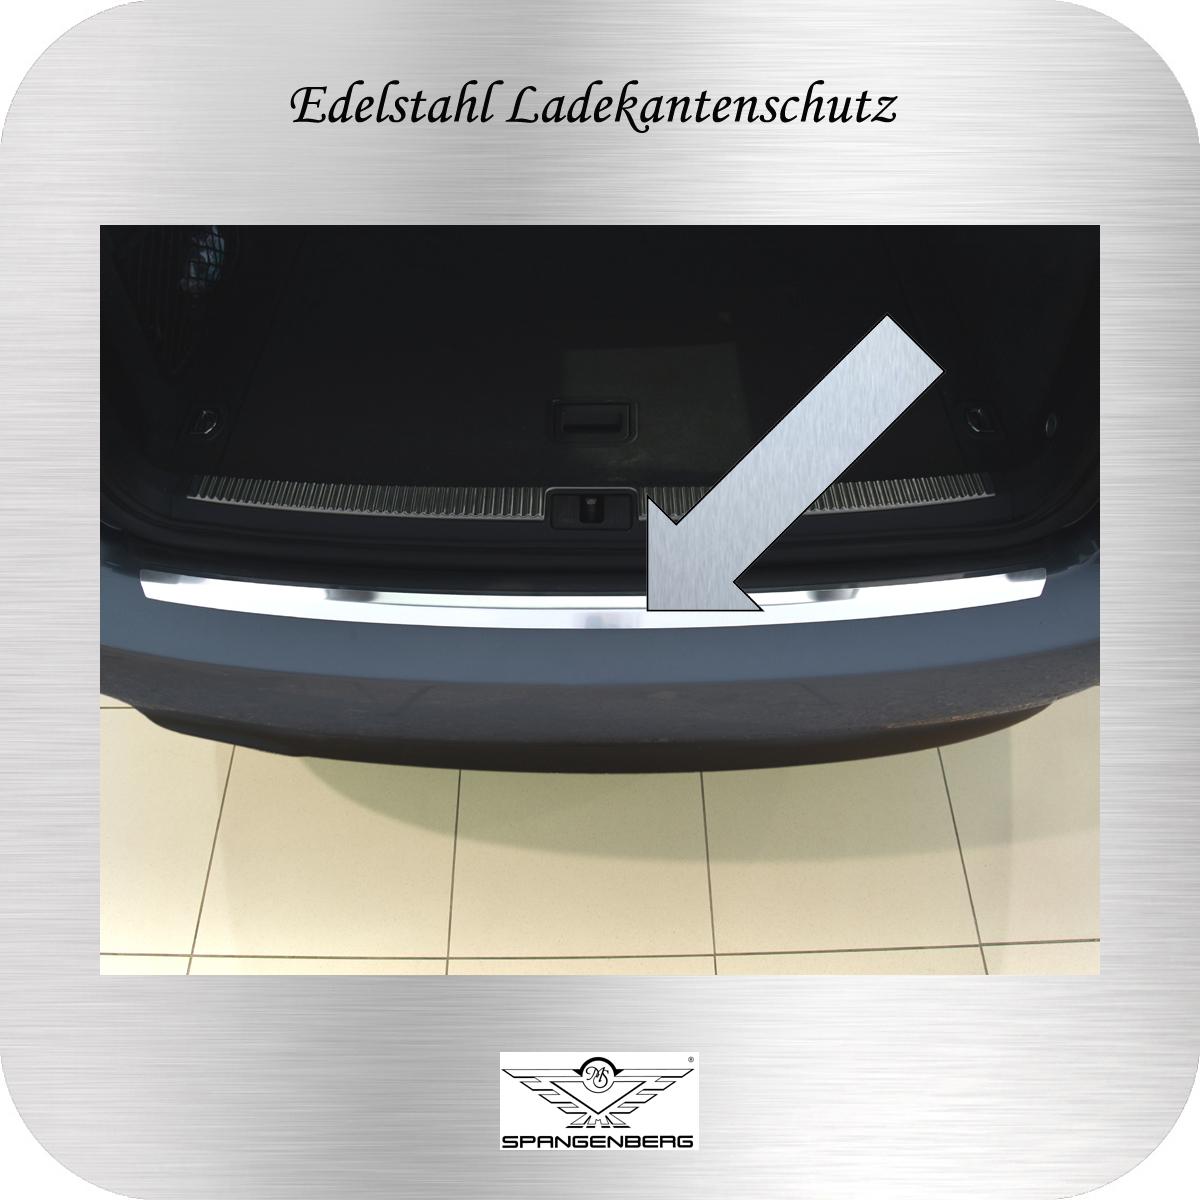 Ladekantenschutz Edelstahl Audi A4 Avant 8ED B7 Kombi 2004-08 3235505